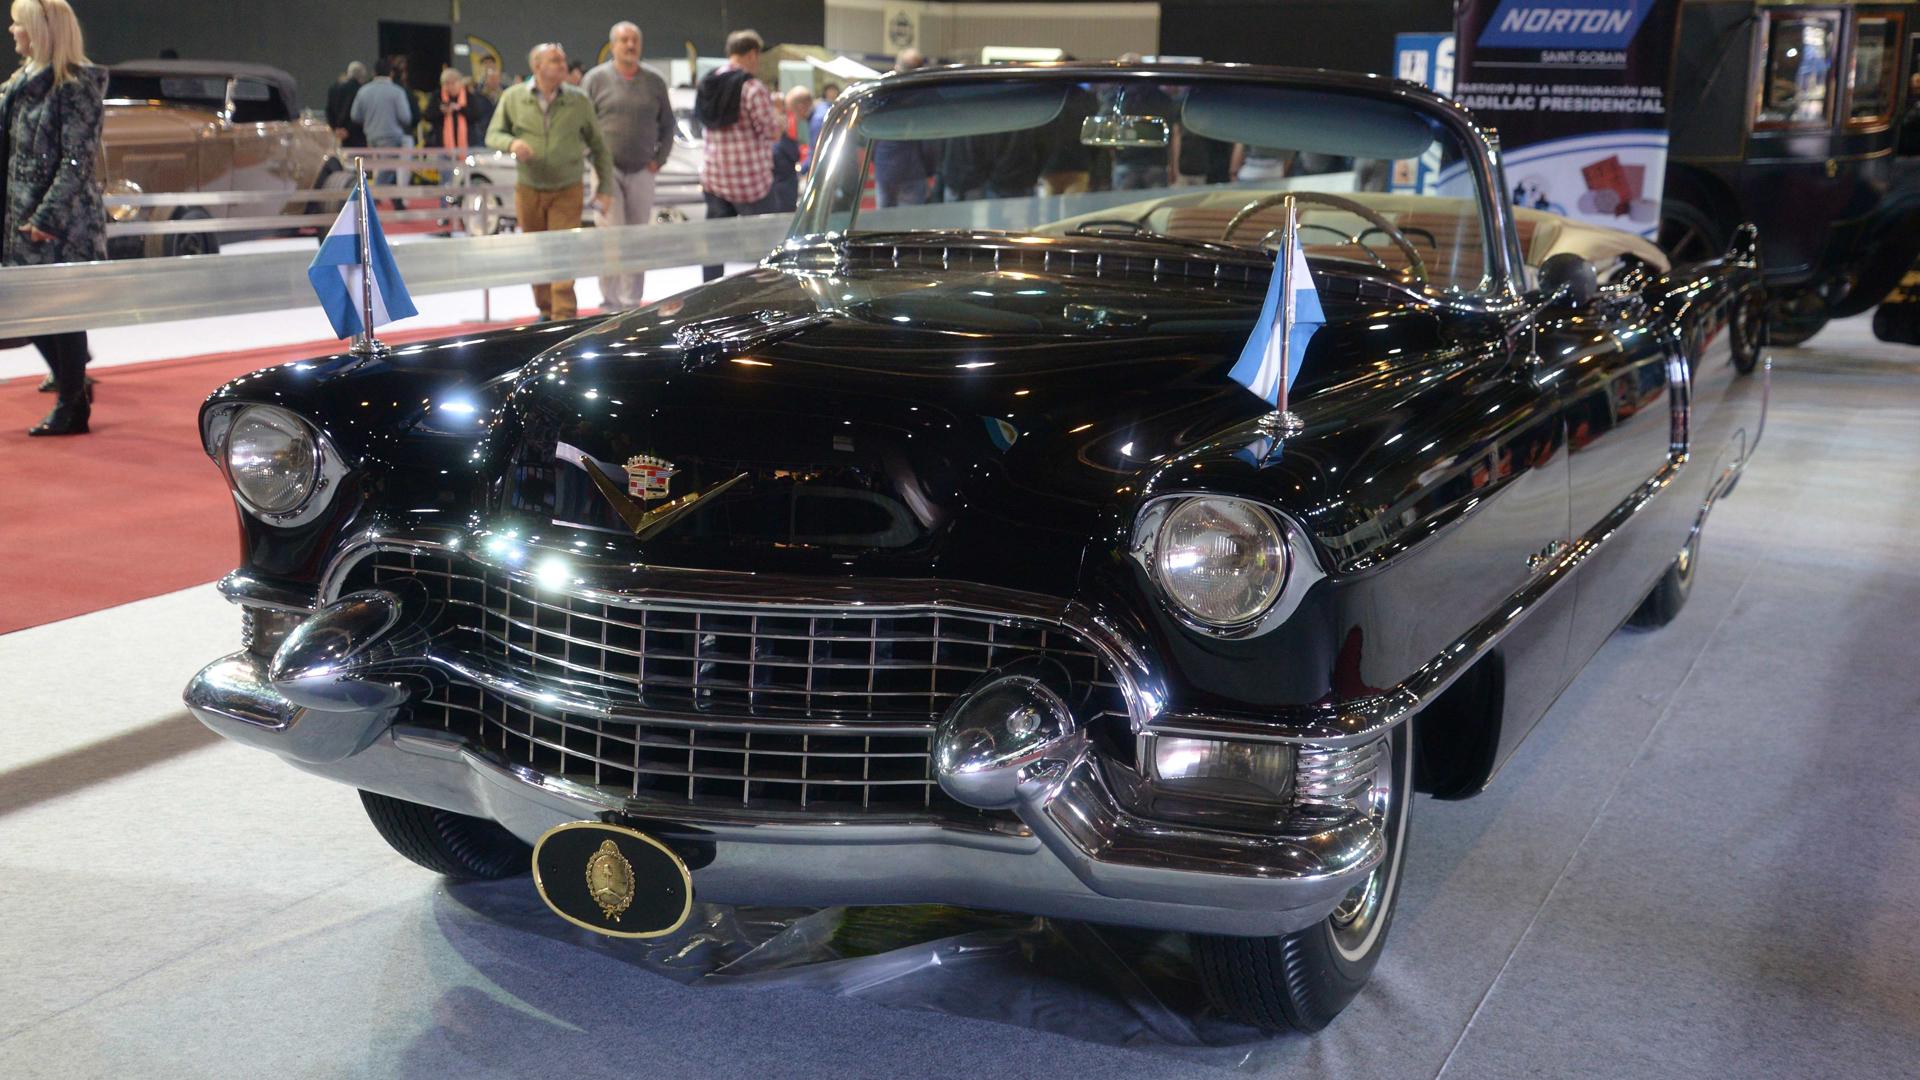 El Cadillac de Perón estuvo exhibido antes en el Salón del Automóvil de Buenos Aires(Enrique Abatte)